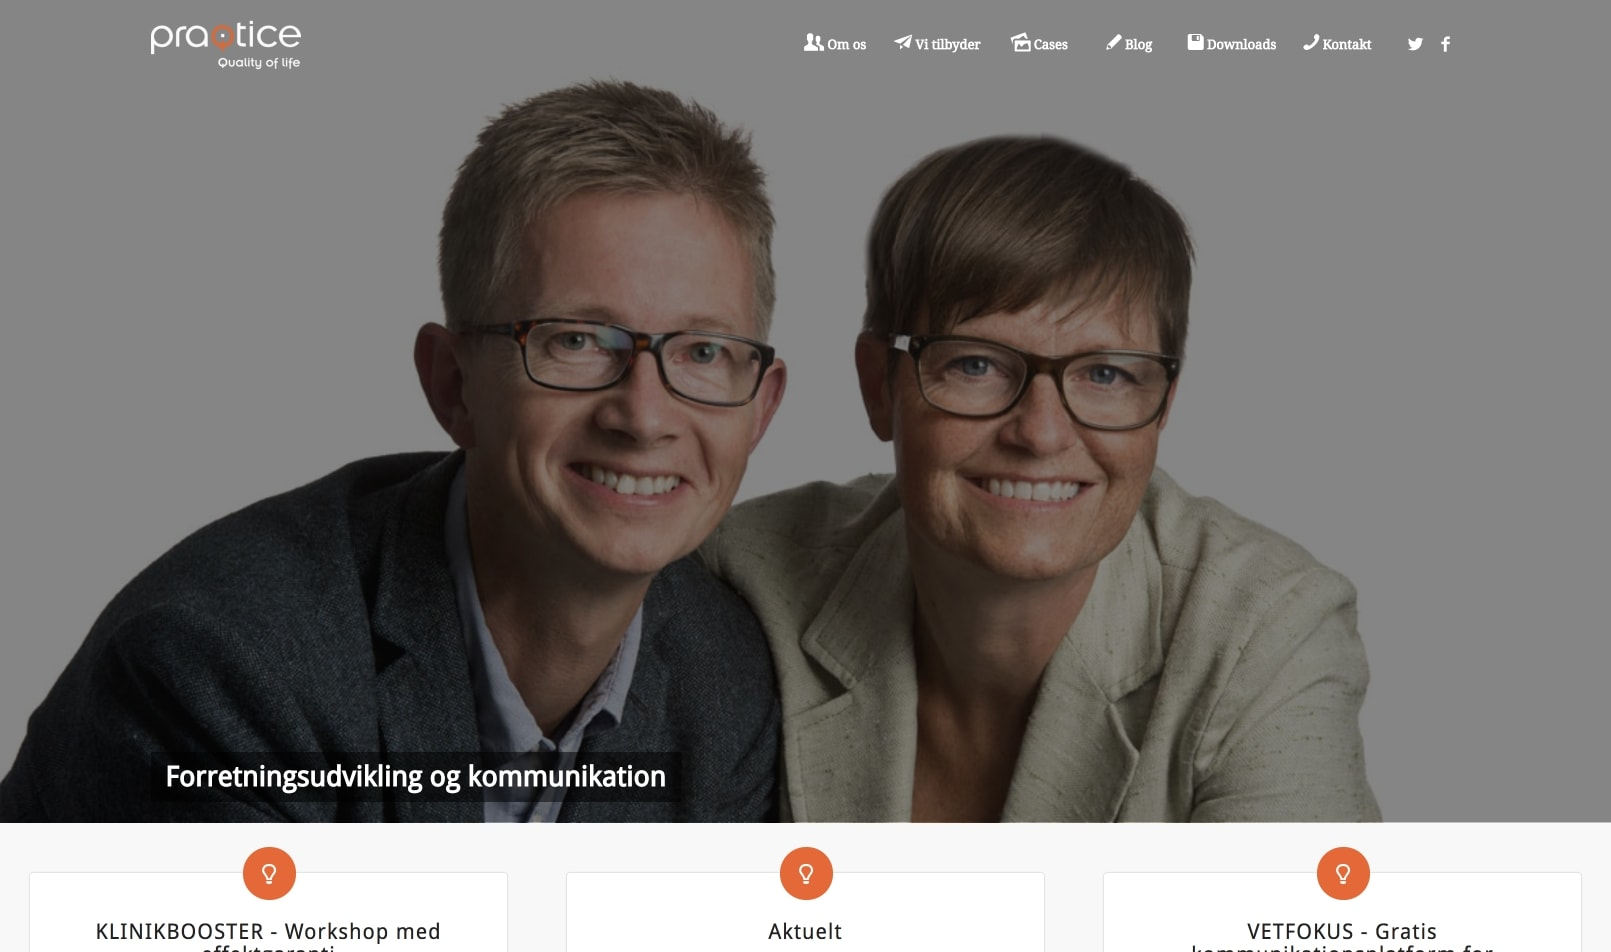 Корпоративный сайт для датской консалтинговой компании